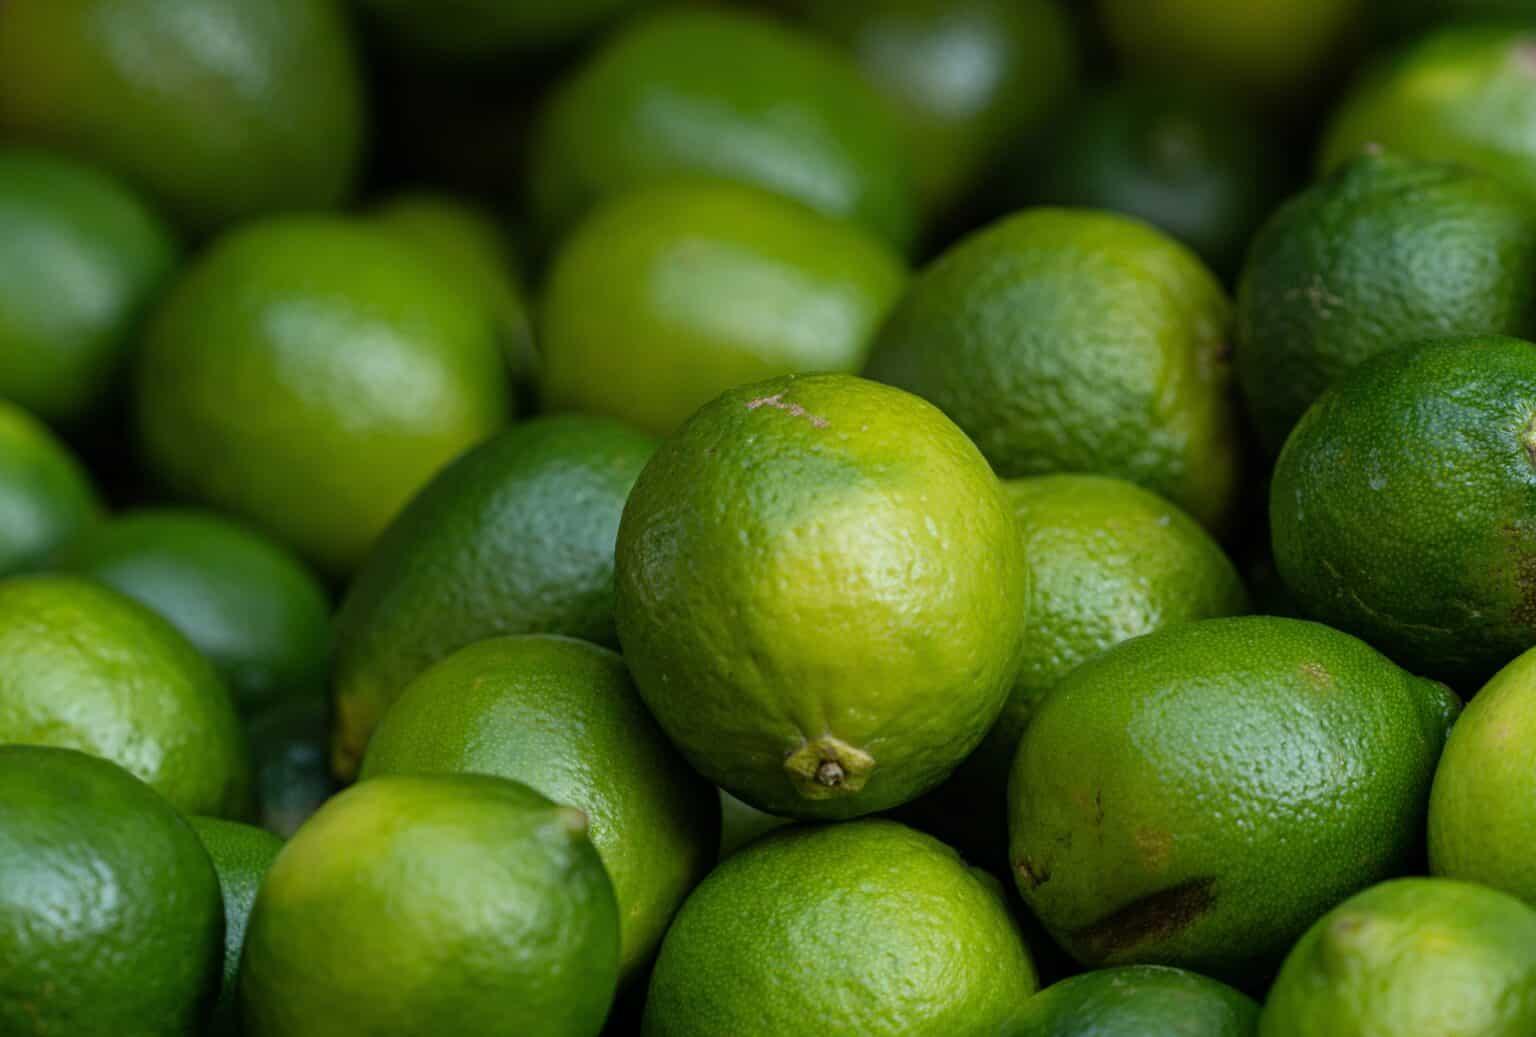 1 - O limão usado no preparo do remédio caseiro era o tahiti, cultivado em São Paulo. - Foto de Lars H Knudsen no Pexels